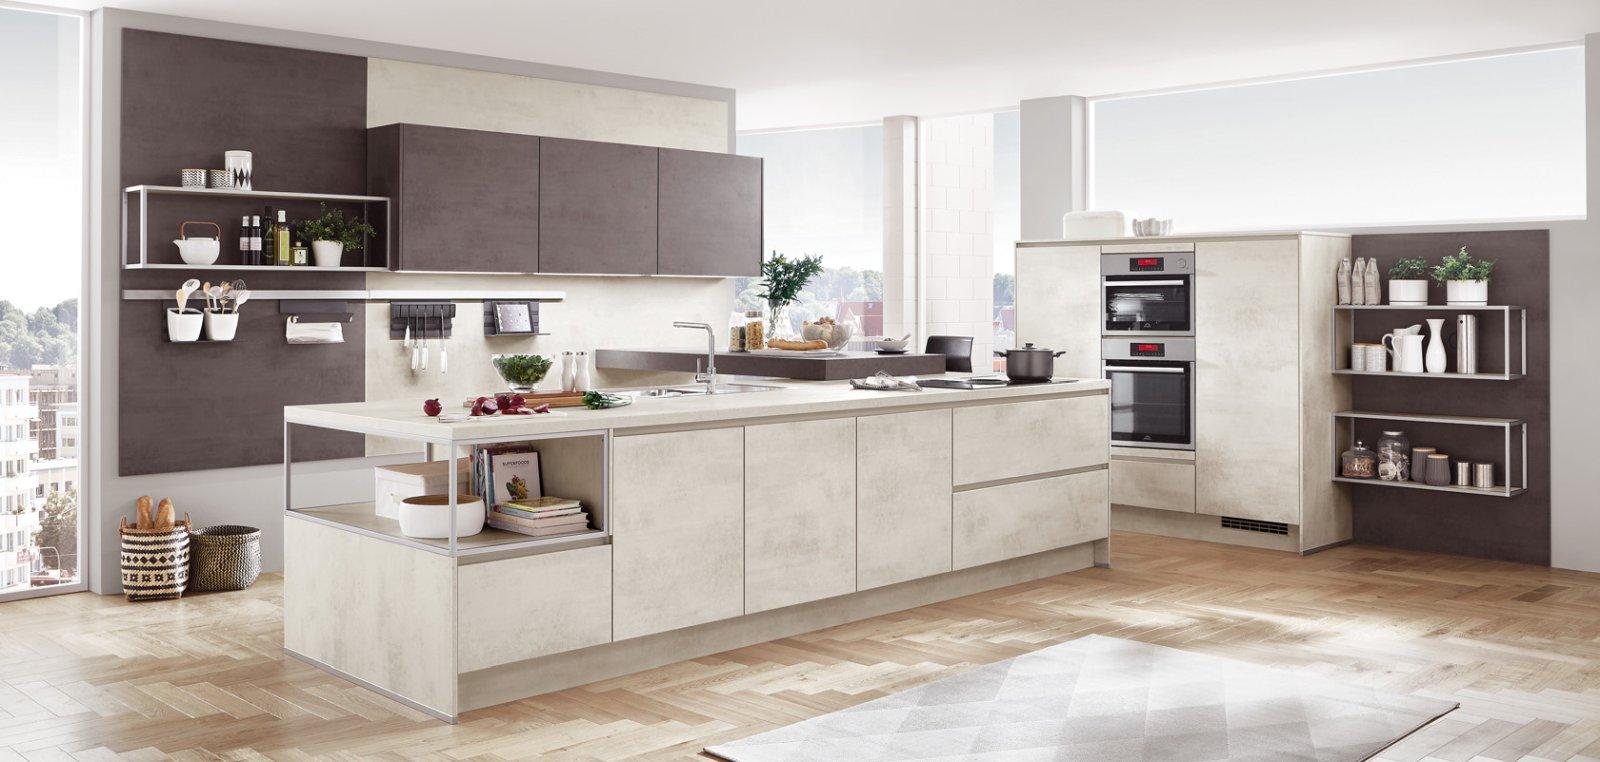 Meble kuchenne NOBILIA RIVA 891 biały beton, imitacja, melamina - Otwarta kuchnia na wymiar z wyspą kuchenną oraz bezuchwytowym systemem otwierania LINE N - FM KUCHNIE Kraków